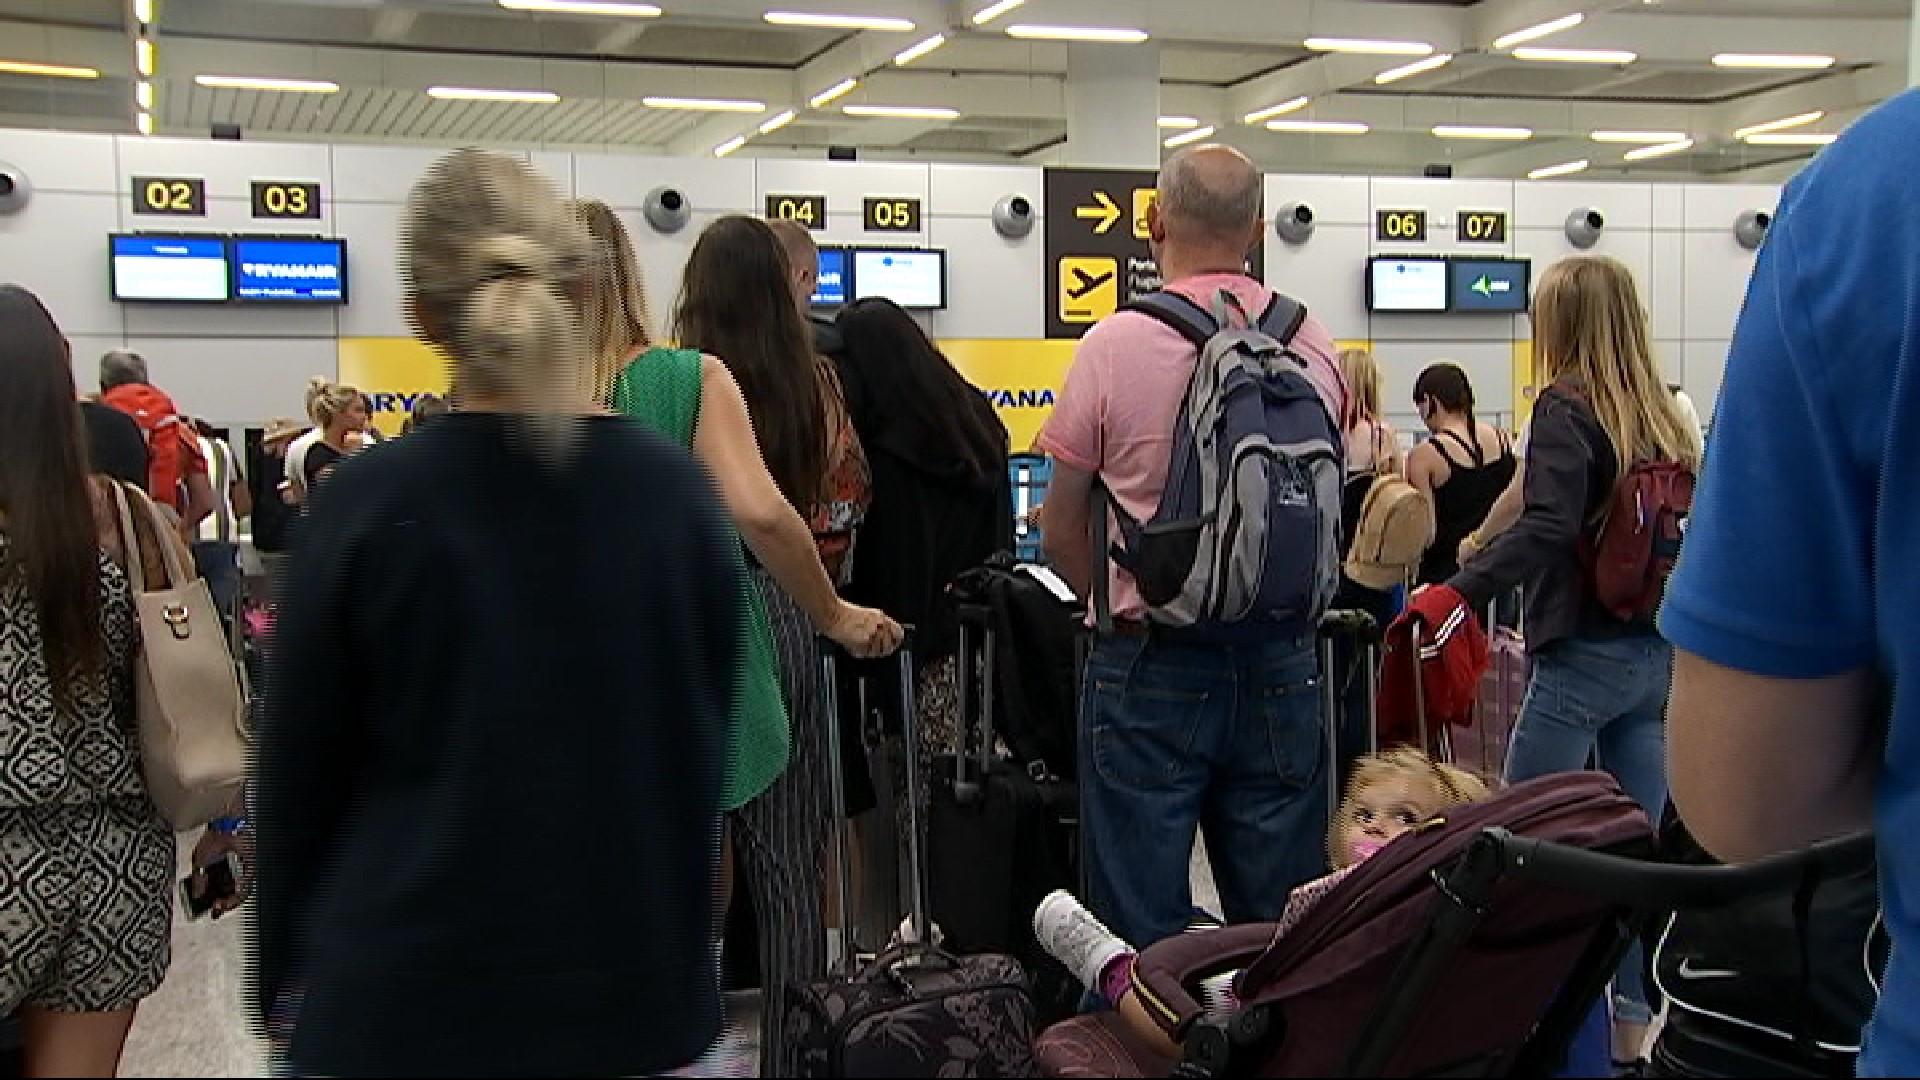 Ryanair+haur%C3%A0+d%27indemnitzar+una+passatgera+pel+retard+d%27un+vol